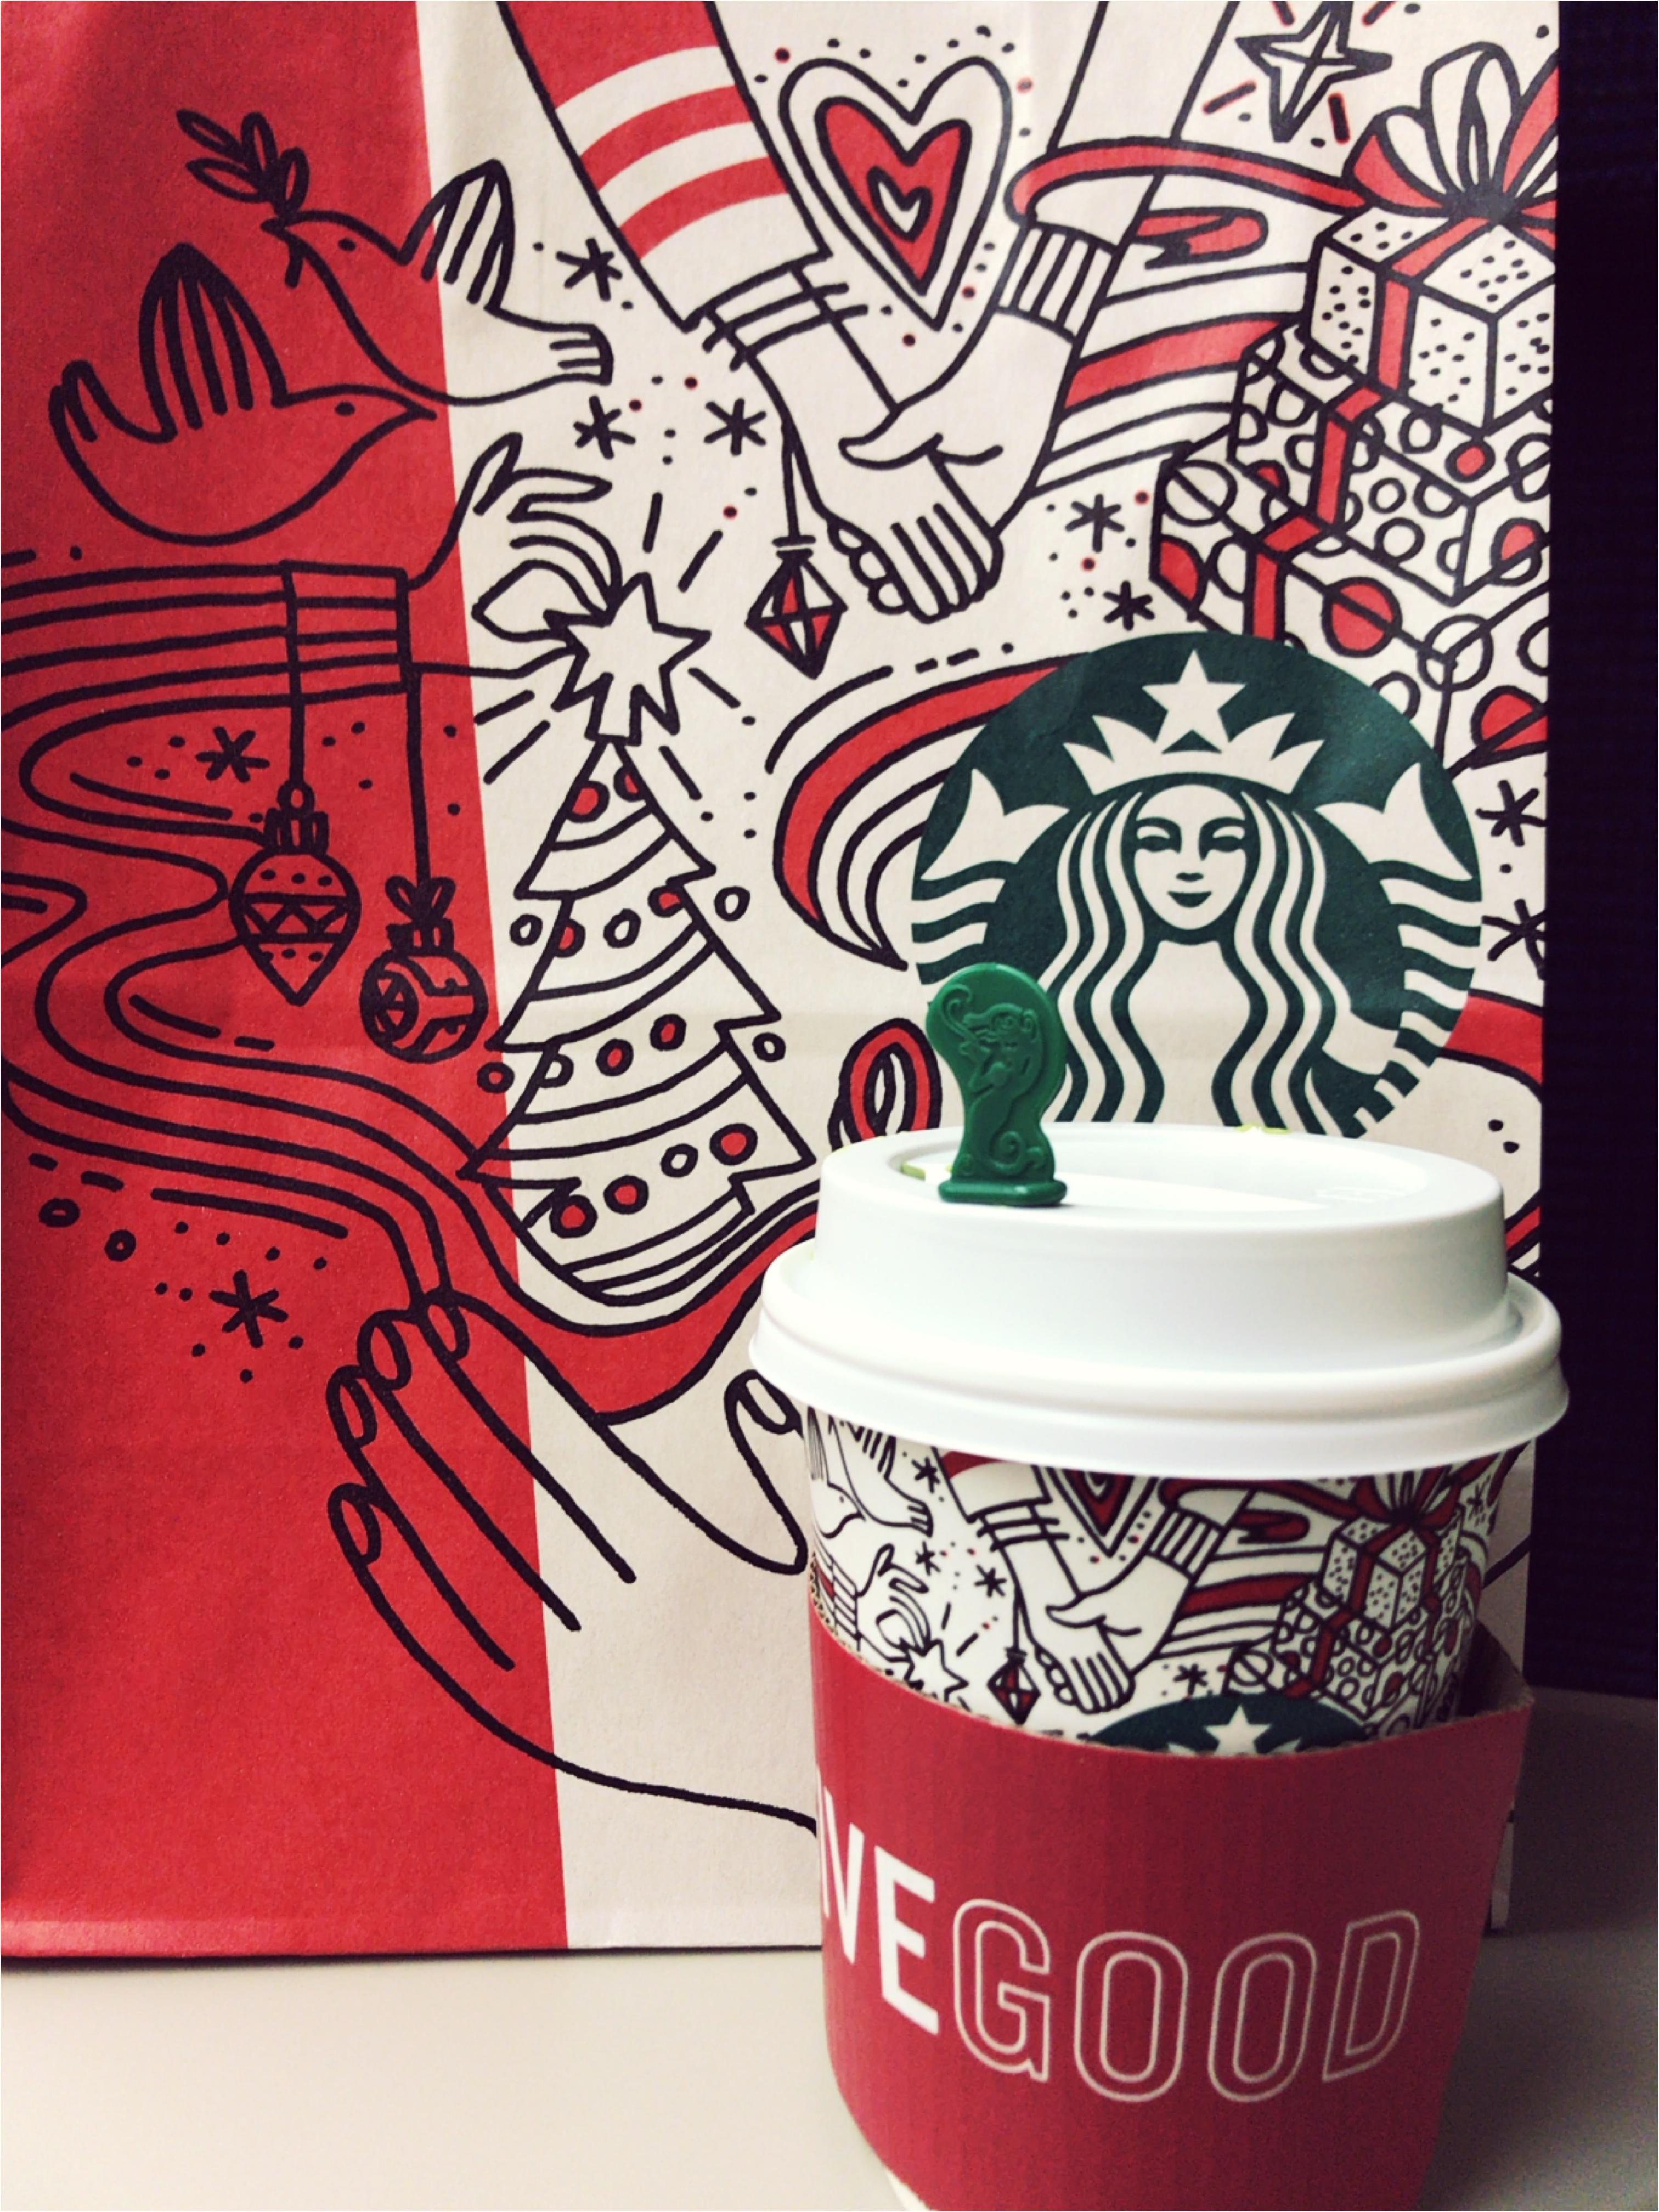 【スタバ】12/6 START♡期間限定♡ 大人気の抹茶フラペチーノがレベルアップしたような最高にクリーミーな抹茶♡_2